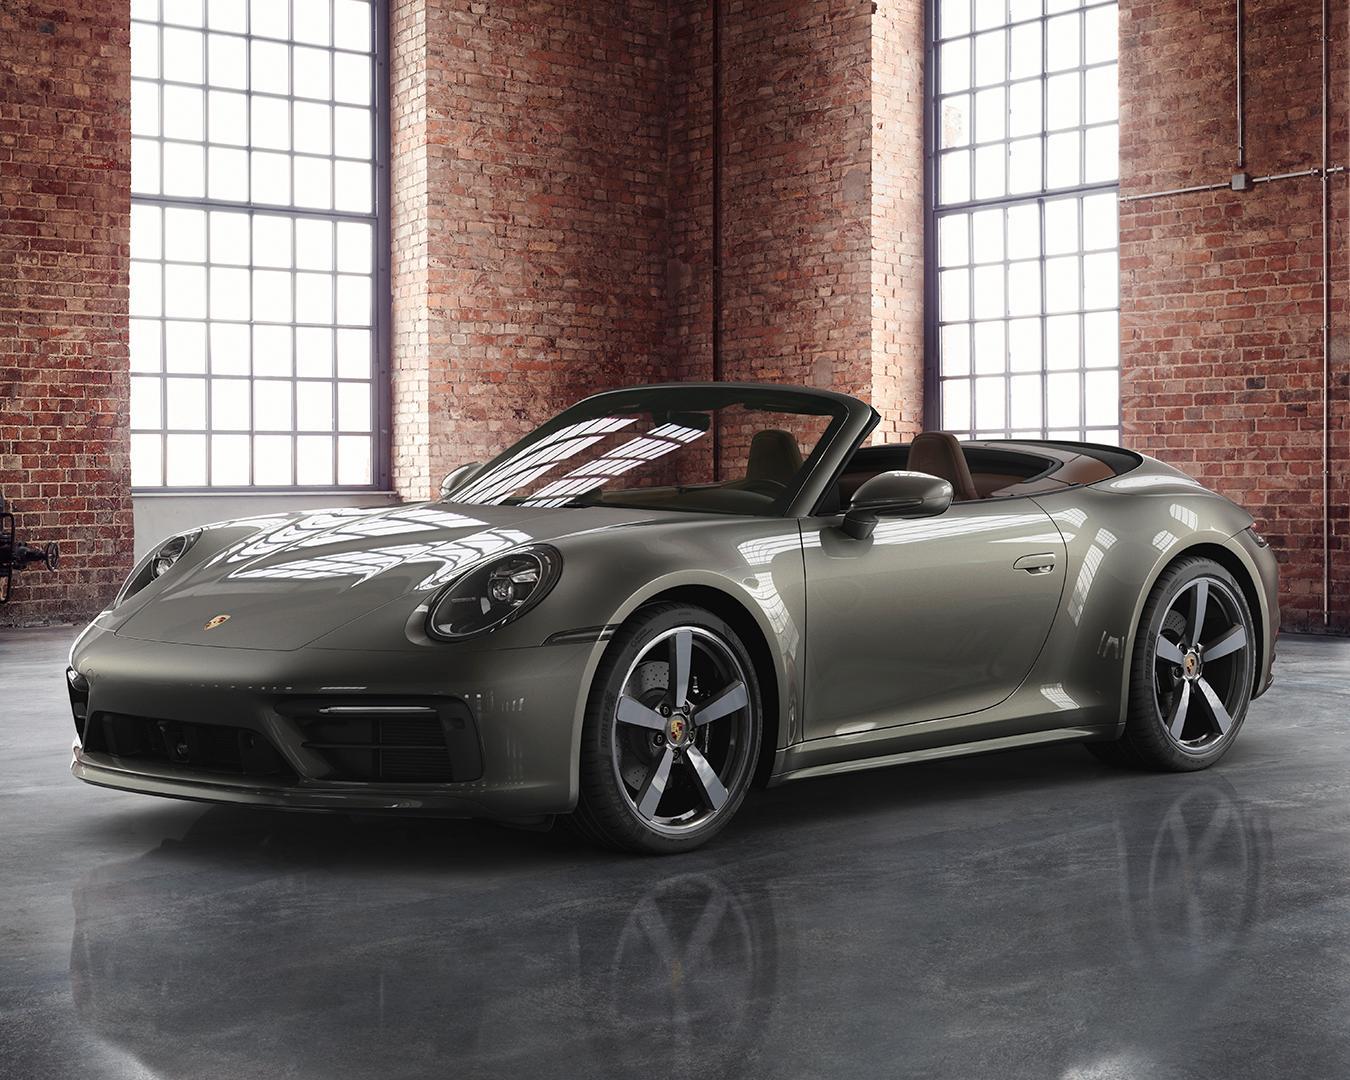 911 Carrera S Cabriolet by Porsche Exclusive (1)